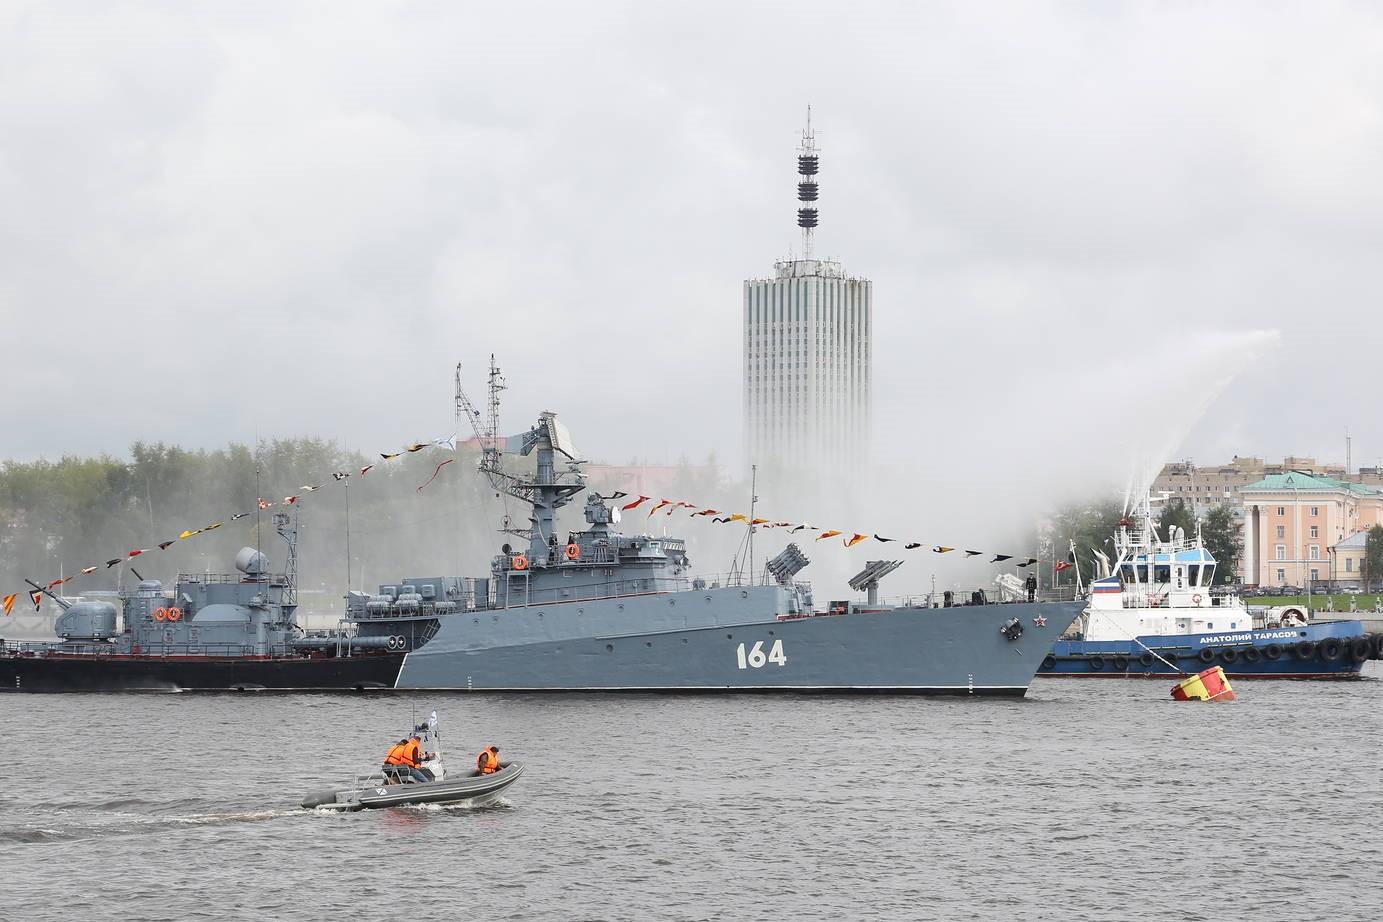 31 августа в Архангельске состоится военно-морской парад к 80-летию прихода первого конвоя «Дервиш»